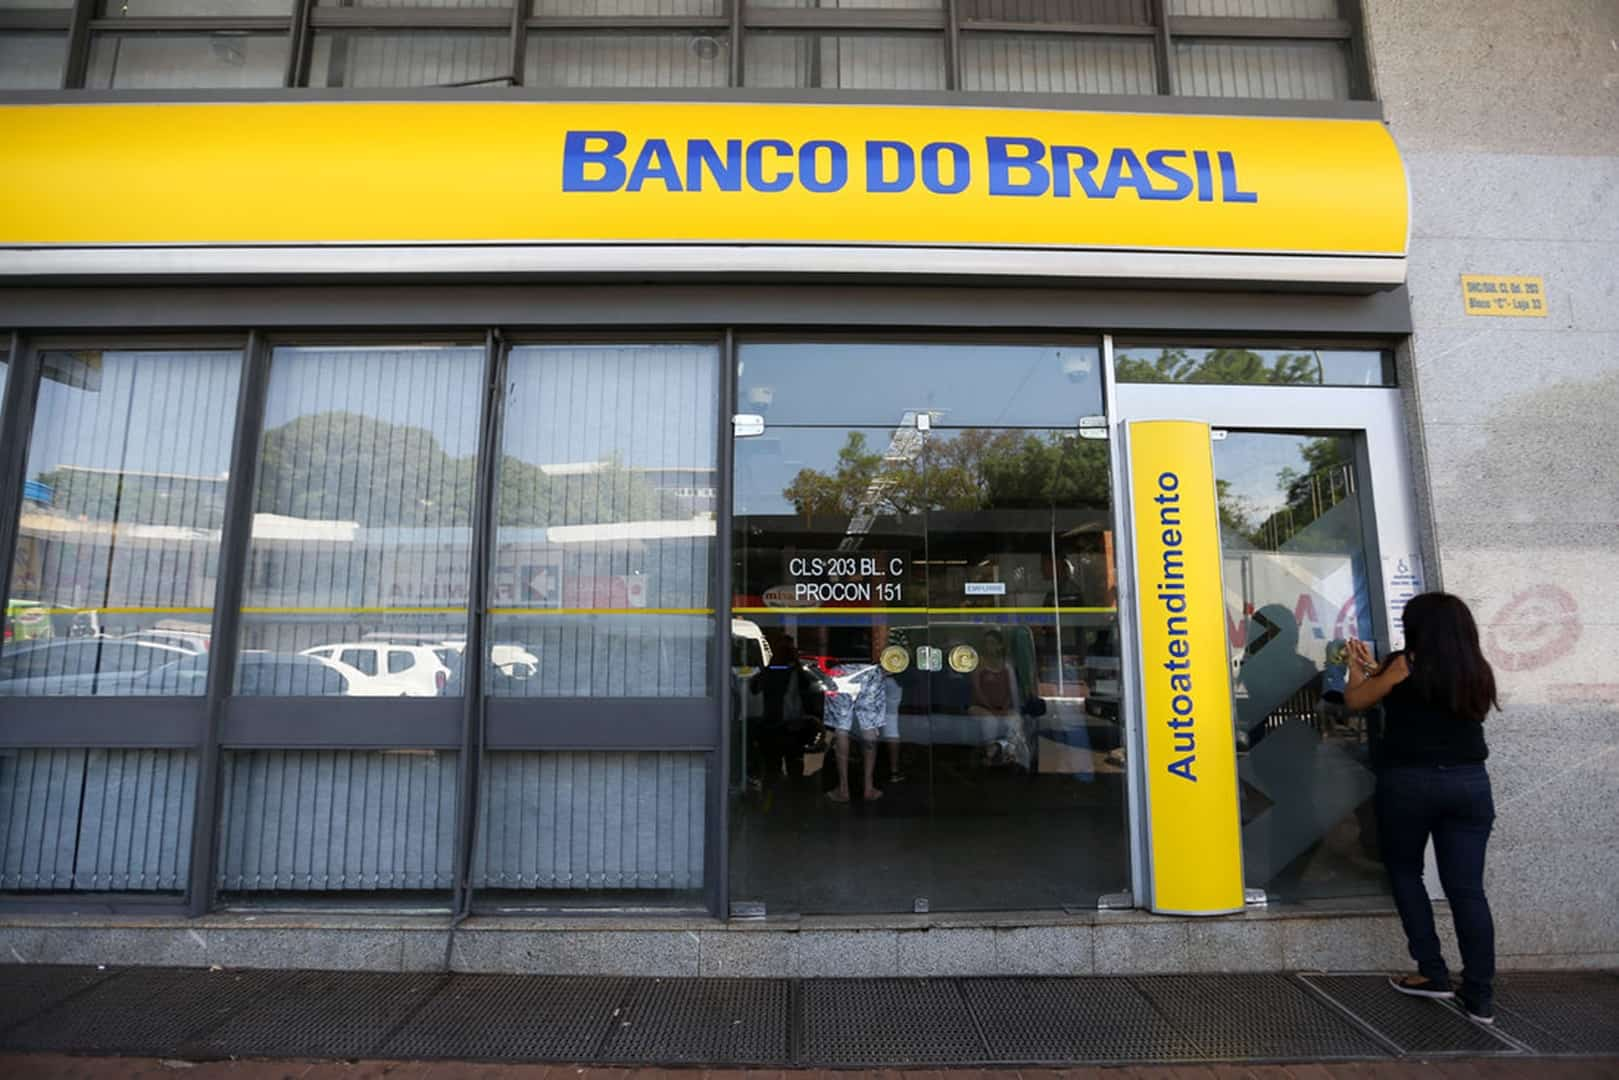 foto:Marcello Camargo|Agência Brasil